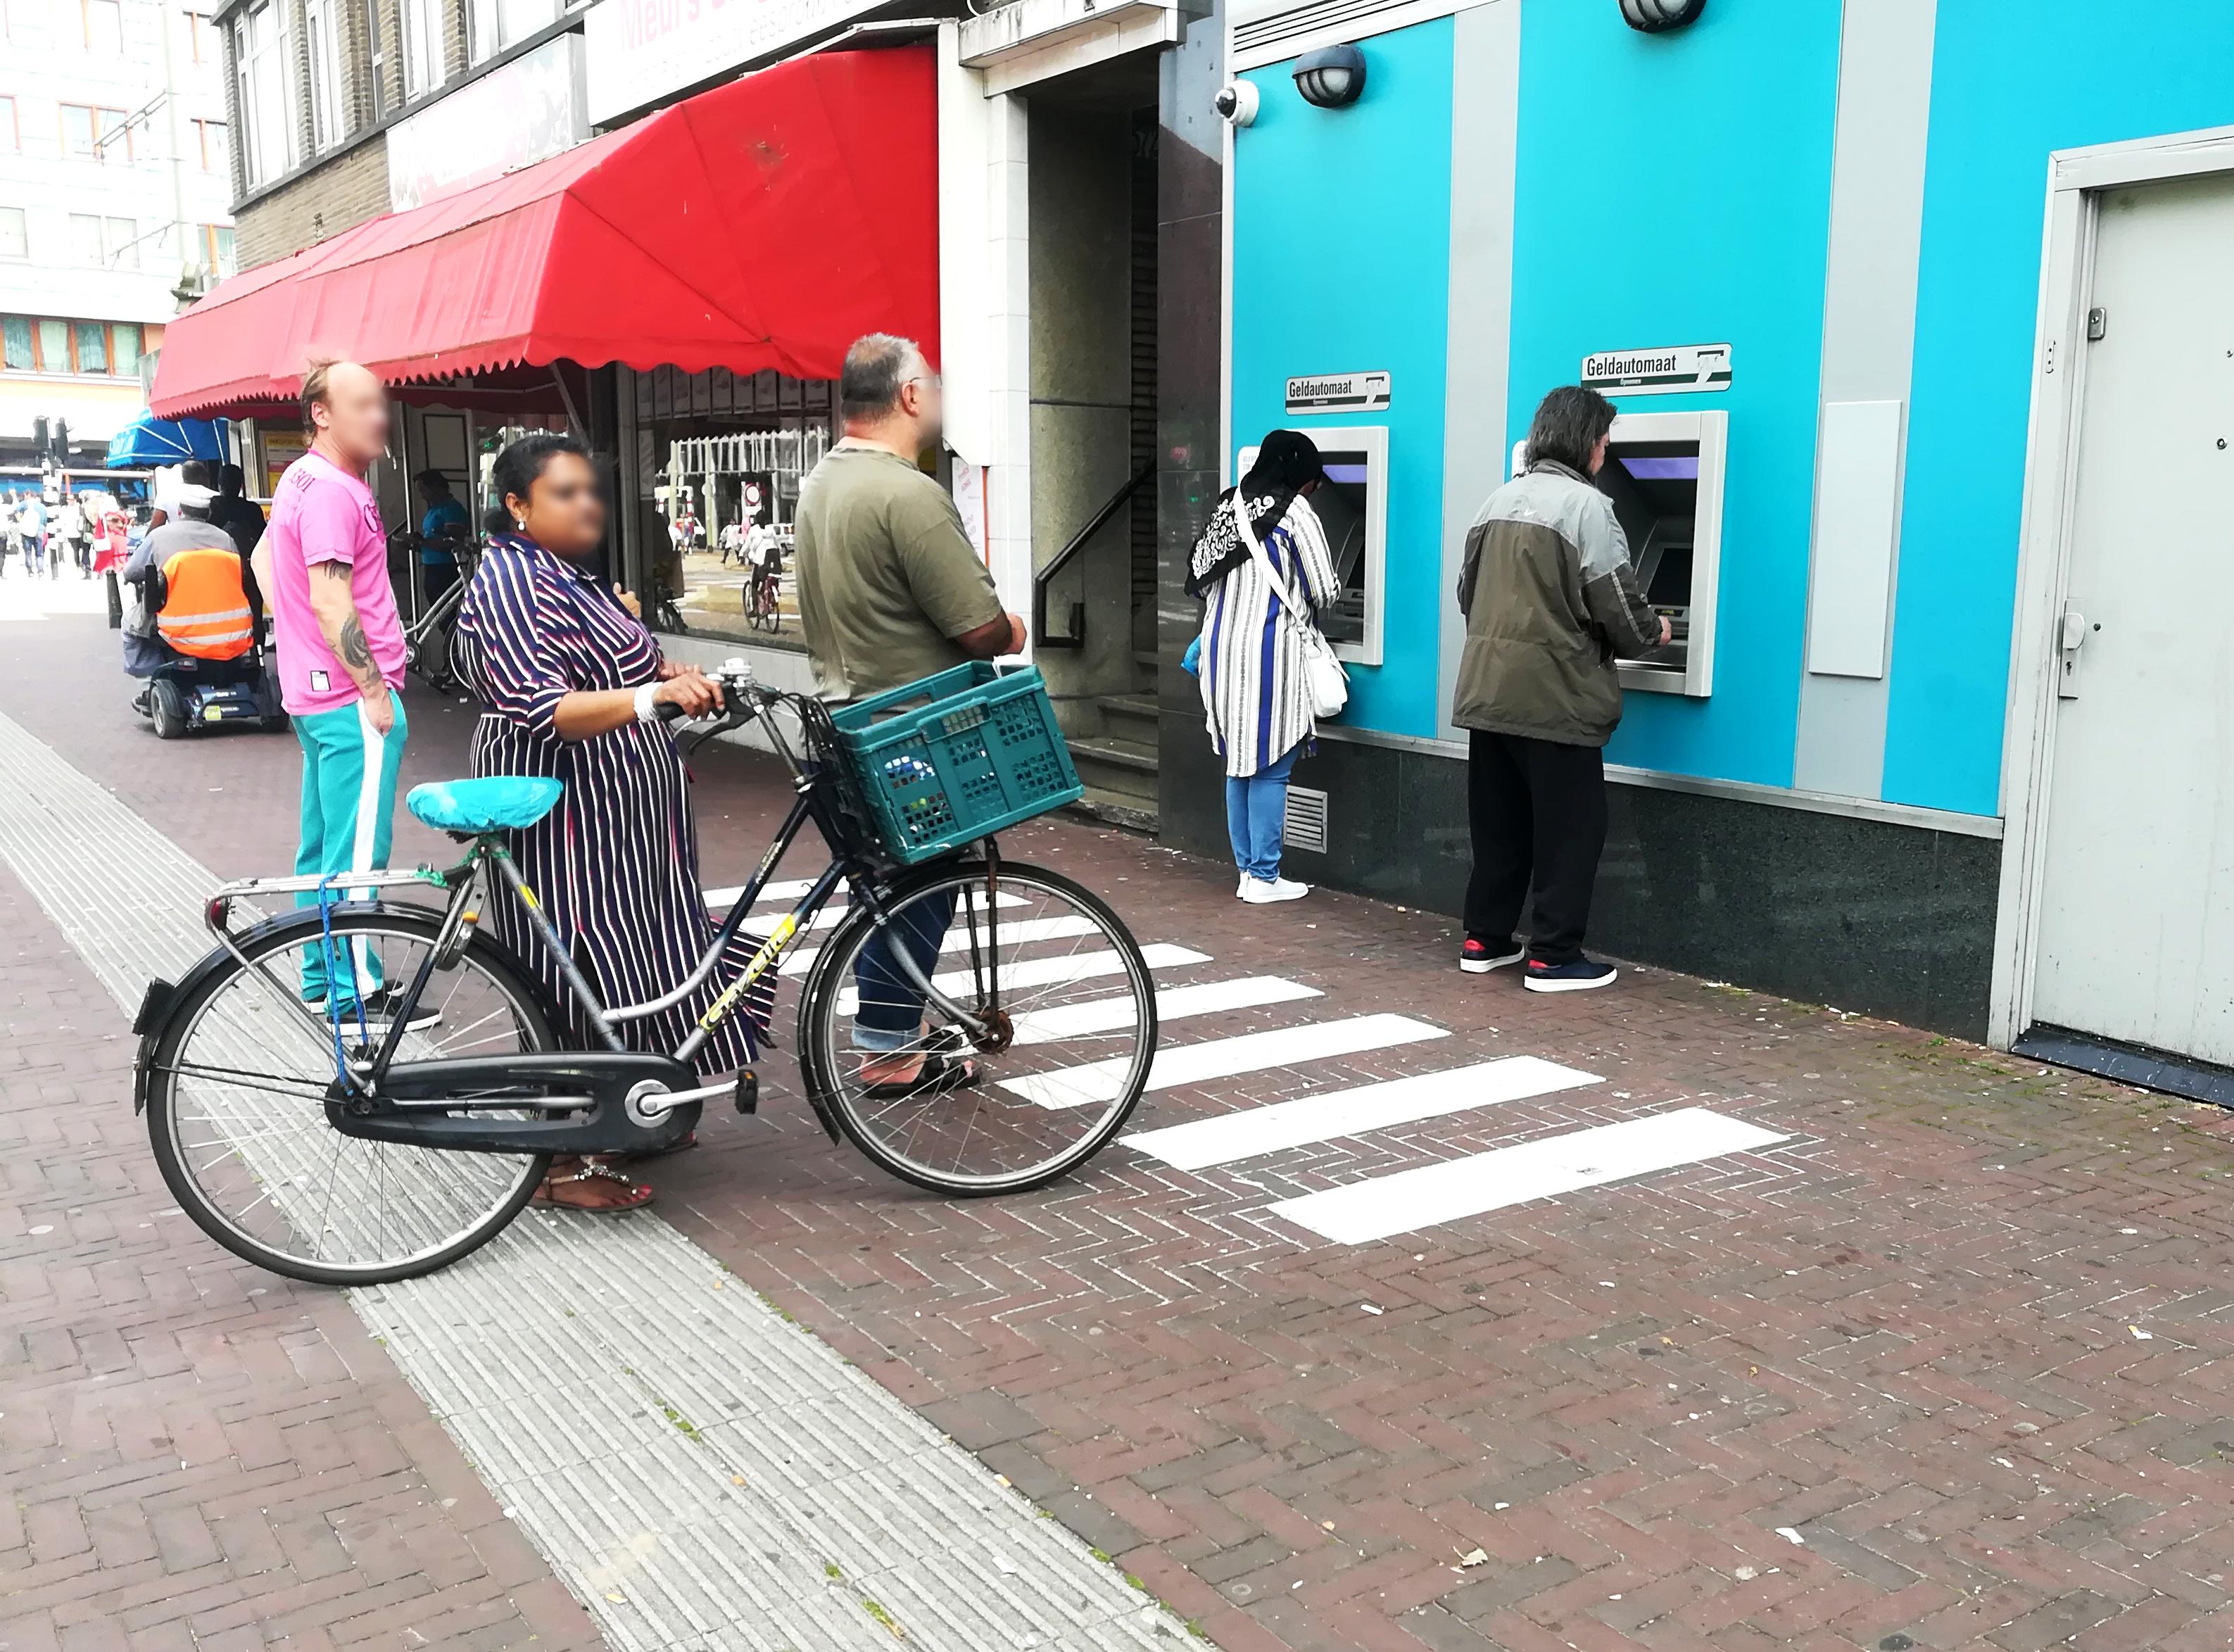 Zebra-nudge en swingborden: weerbaarder tegen zakkenrollers